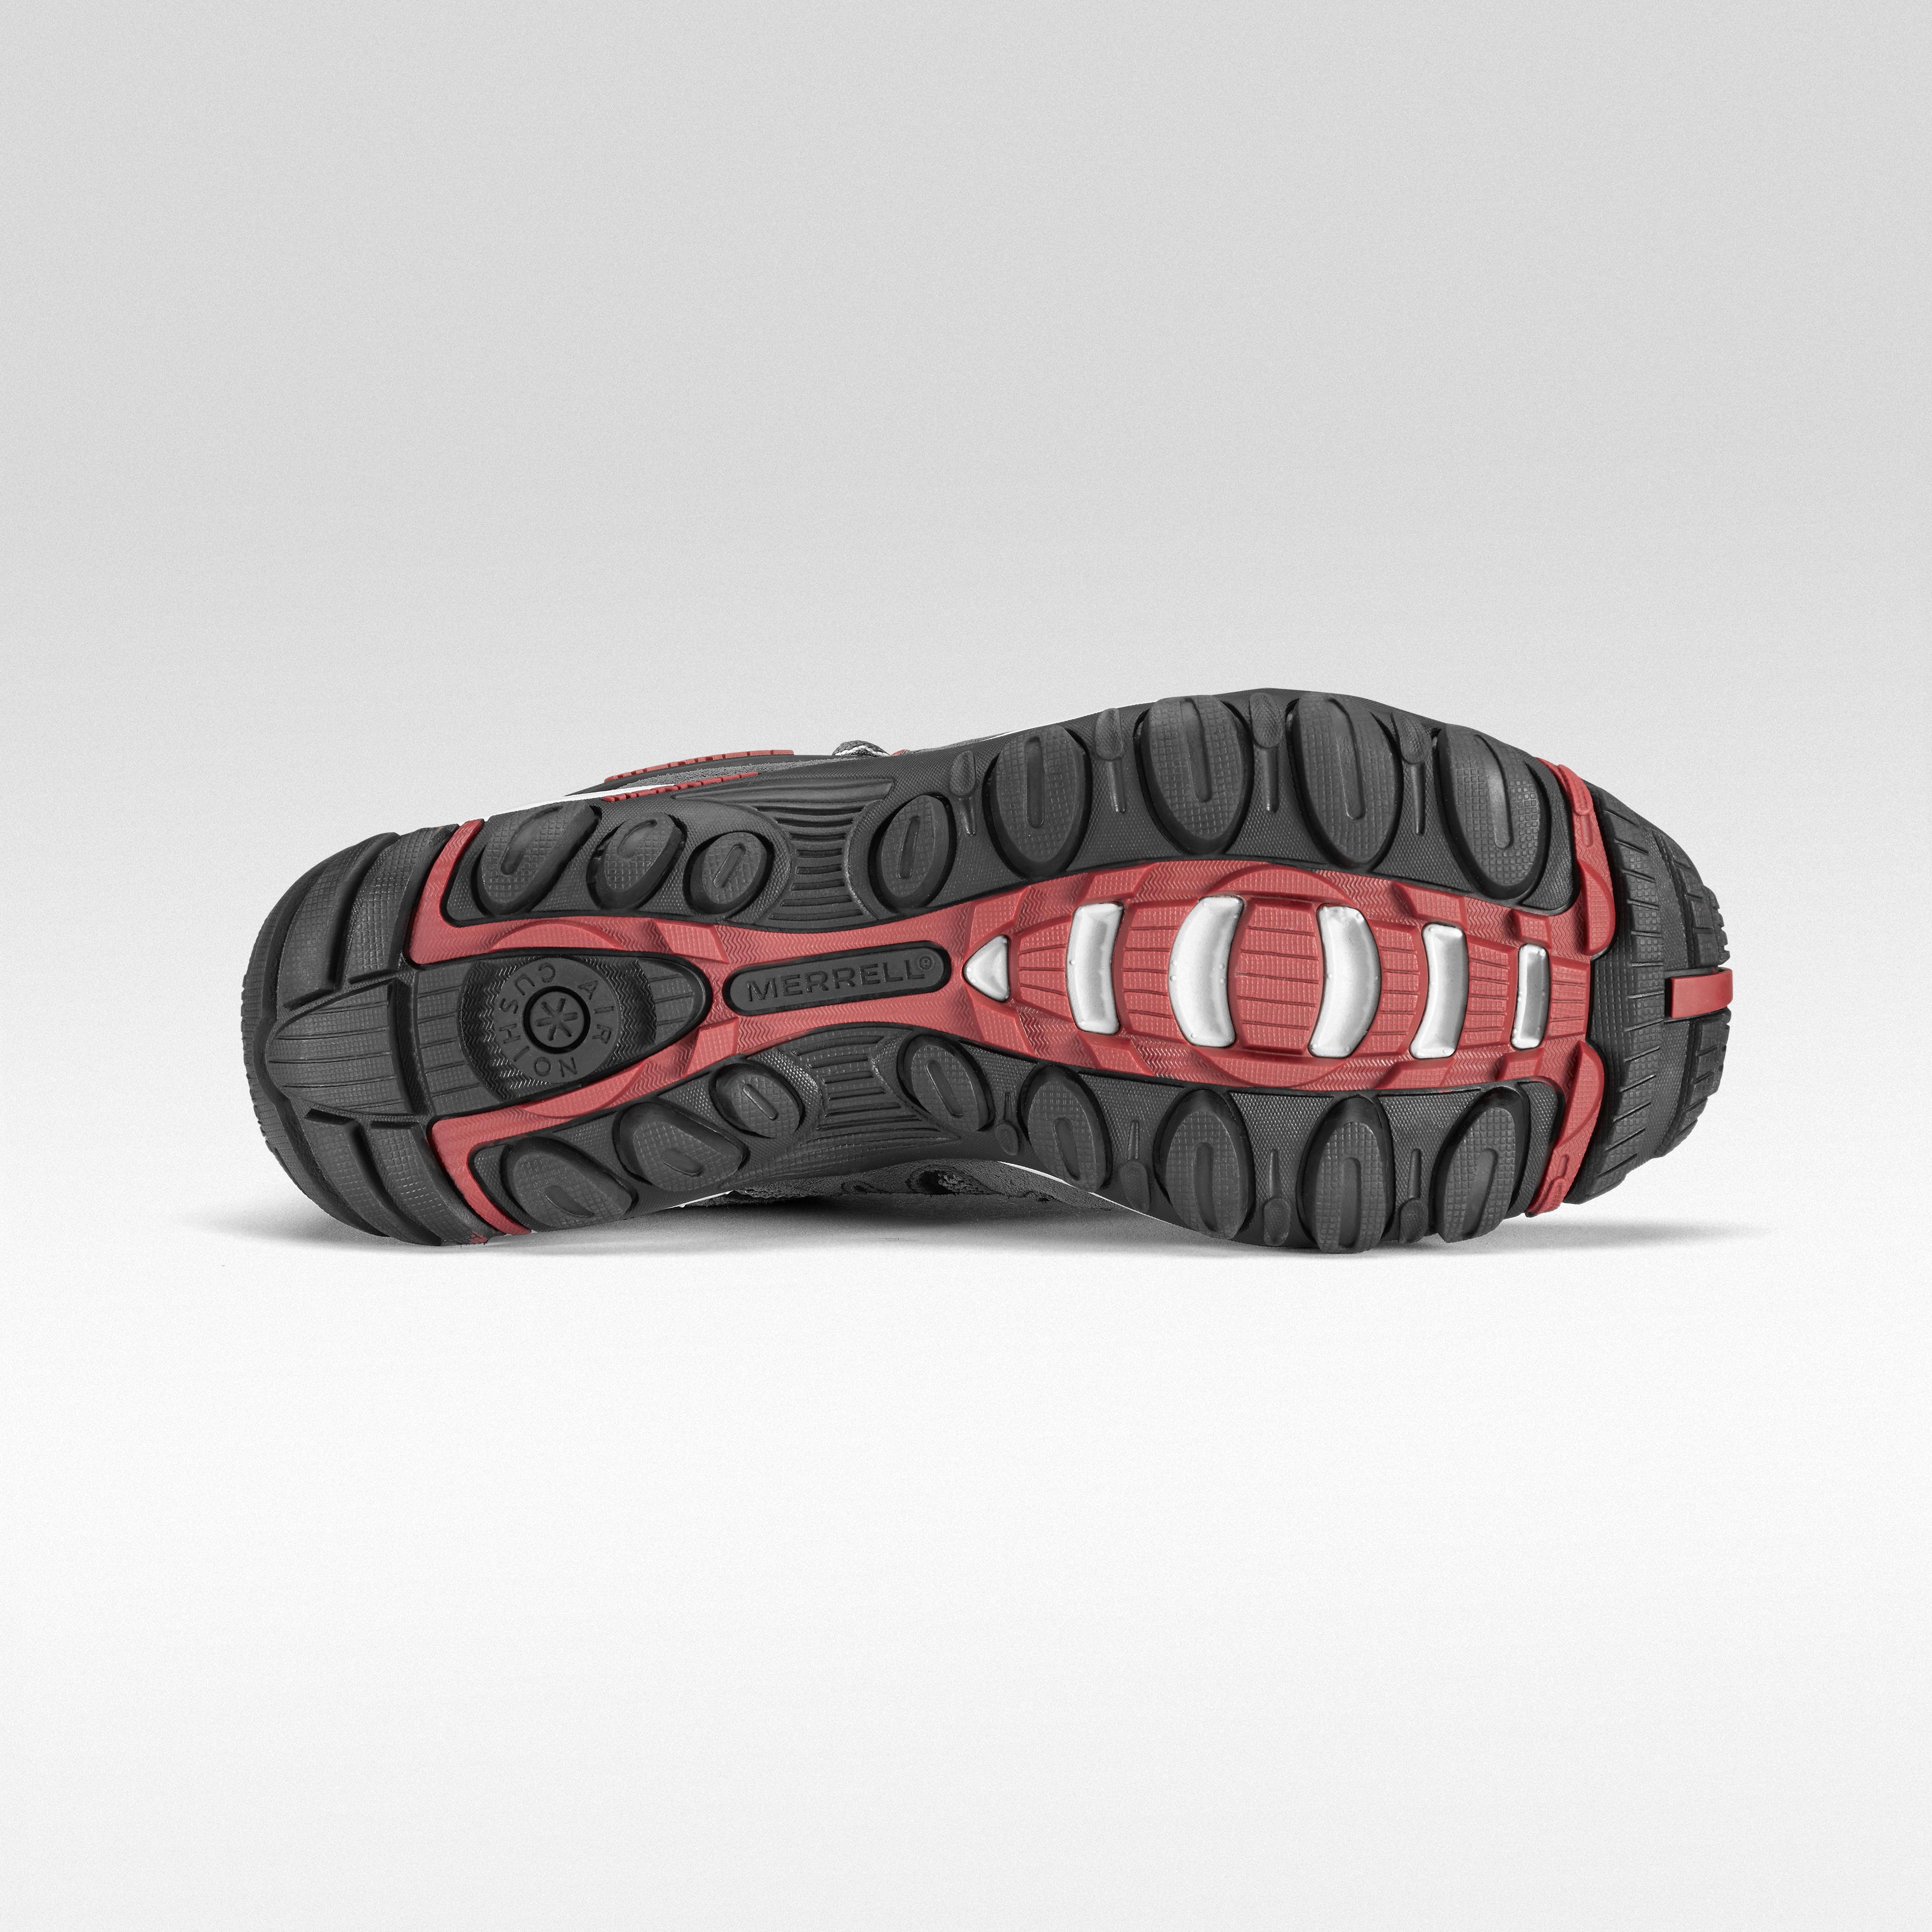 Crosslander Homme Grise Chaussures De Montagne Randonnée Merrell wPyvN8m0nO